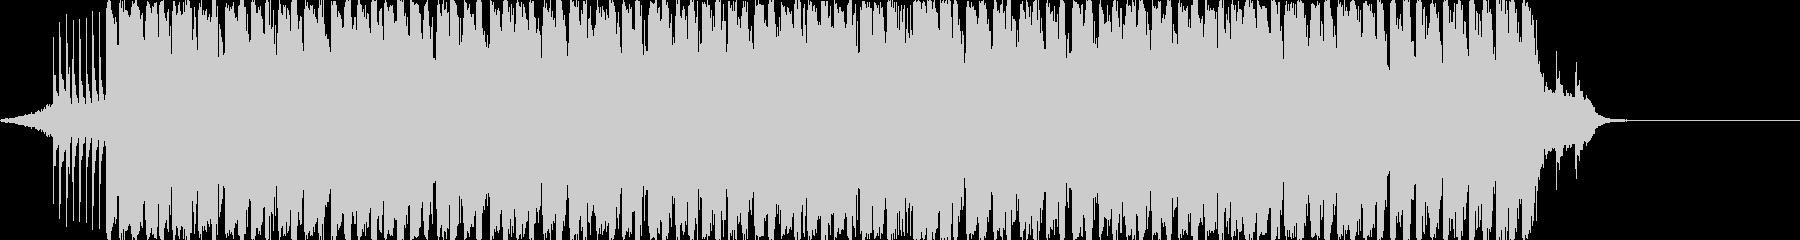 アップテンポでお洒落なジングル/BGMの未再生の波形